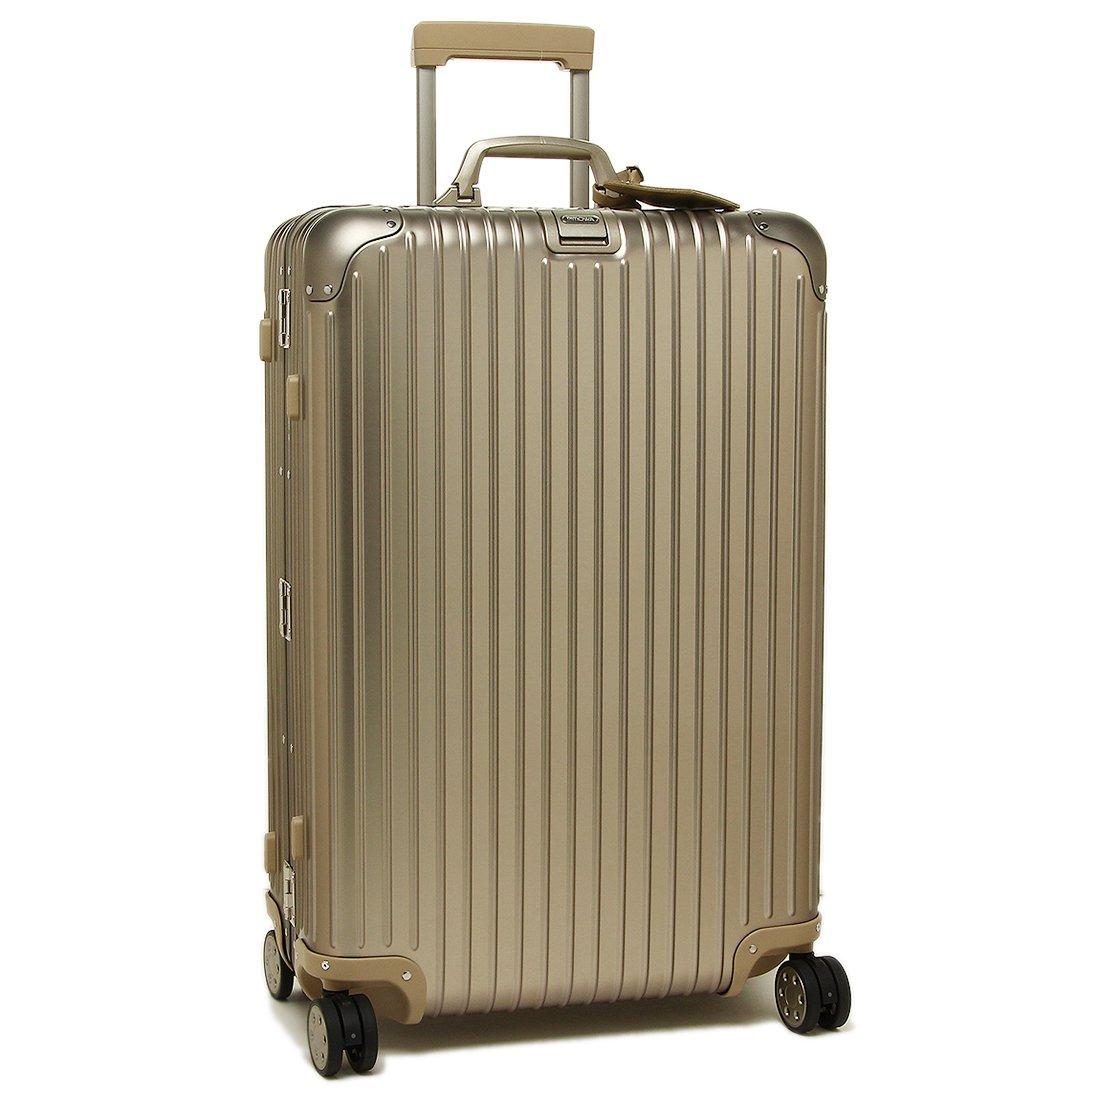 [リモワ] レディース スーツケース RIMOWA 924.70.03.5 ゴールド [並行輸入品] B073XD2ZS3